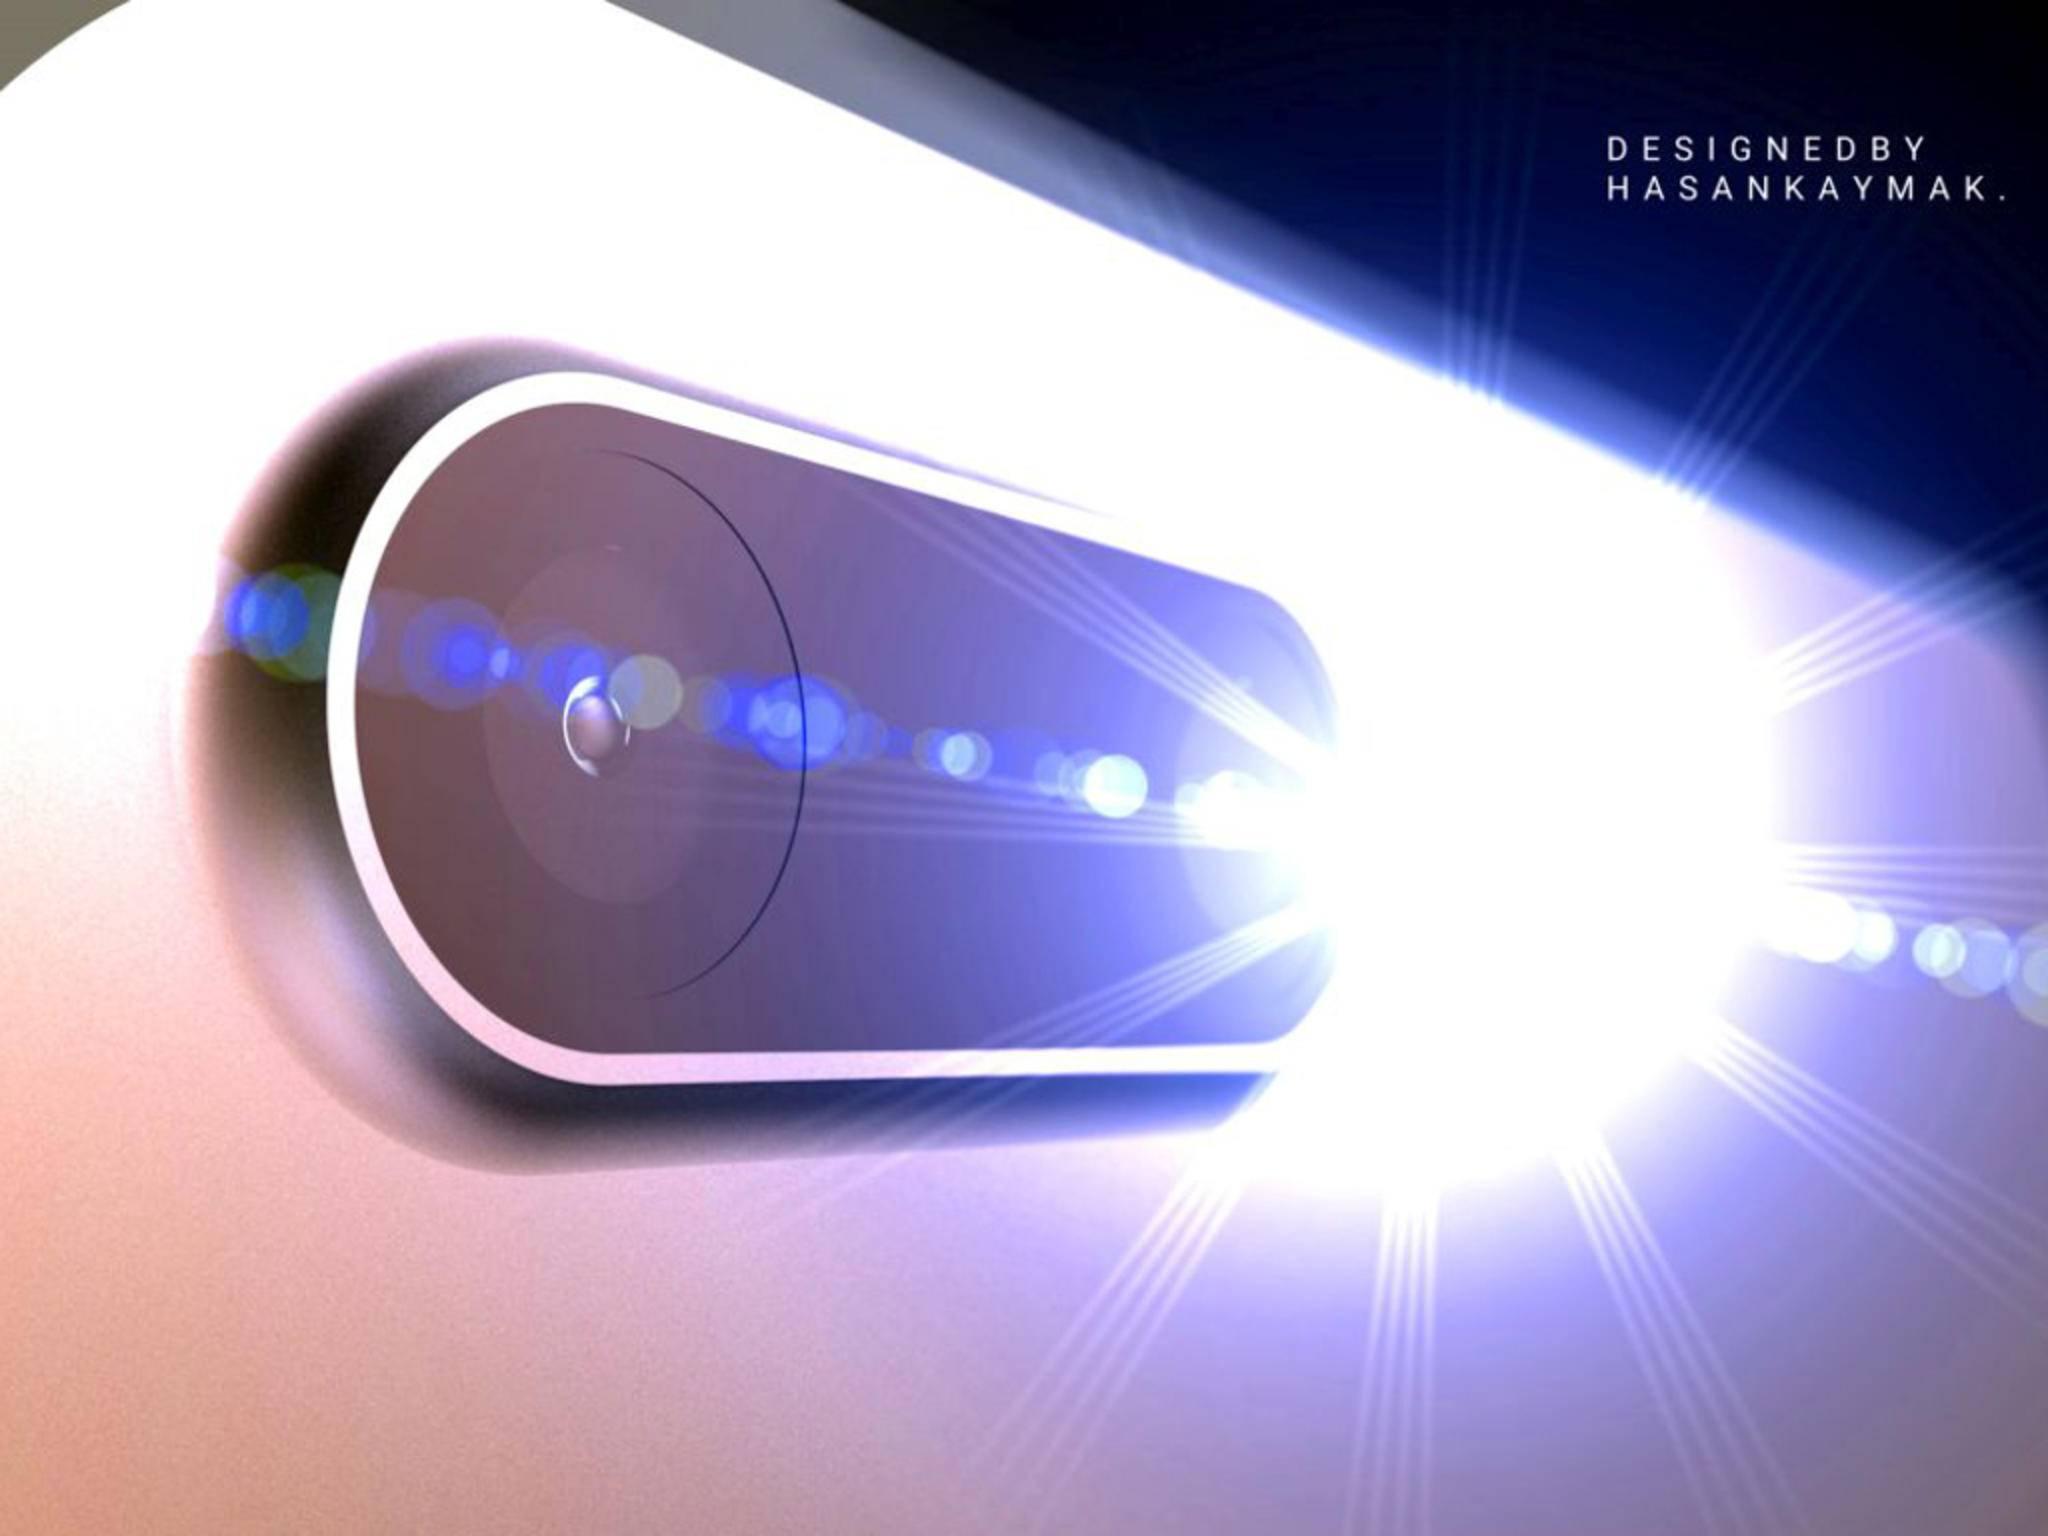 Eine Präsentationsfolie des iPhone-Herstellers Foxconn bestätigt Gerüchte über eine Dual-Cam des iPhone 7 Plus wie dieses Konzeptbild.